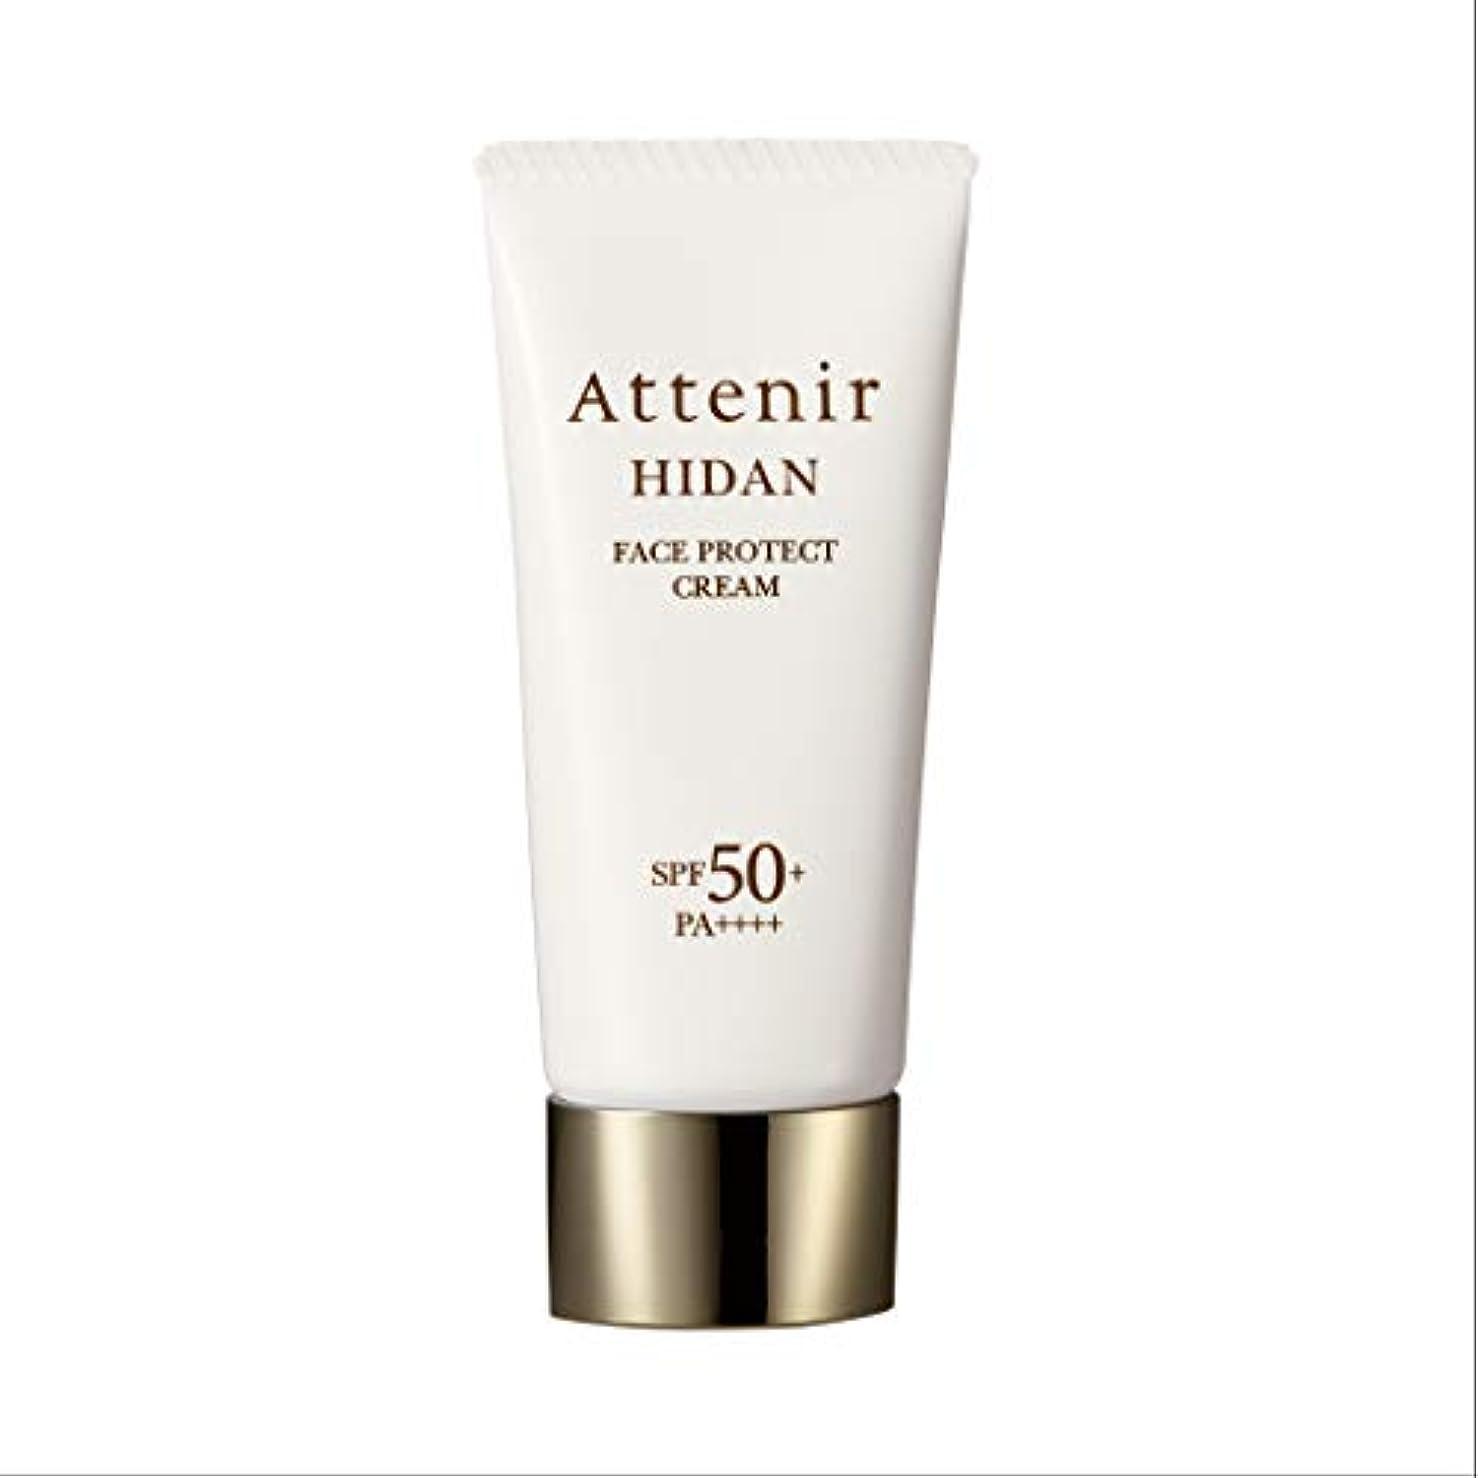 前提条件瞳服を片付けるアテニア クリーム 陽断(ひだん) フェイスプロテクトクリーム 日焼け止め UV50 30g SPF50+ PA++++ ウォータープルーフ